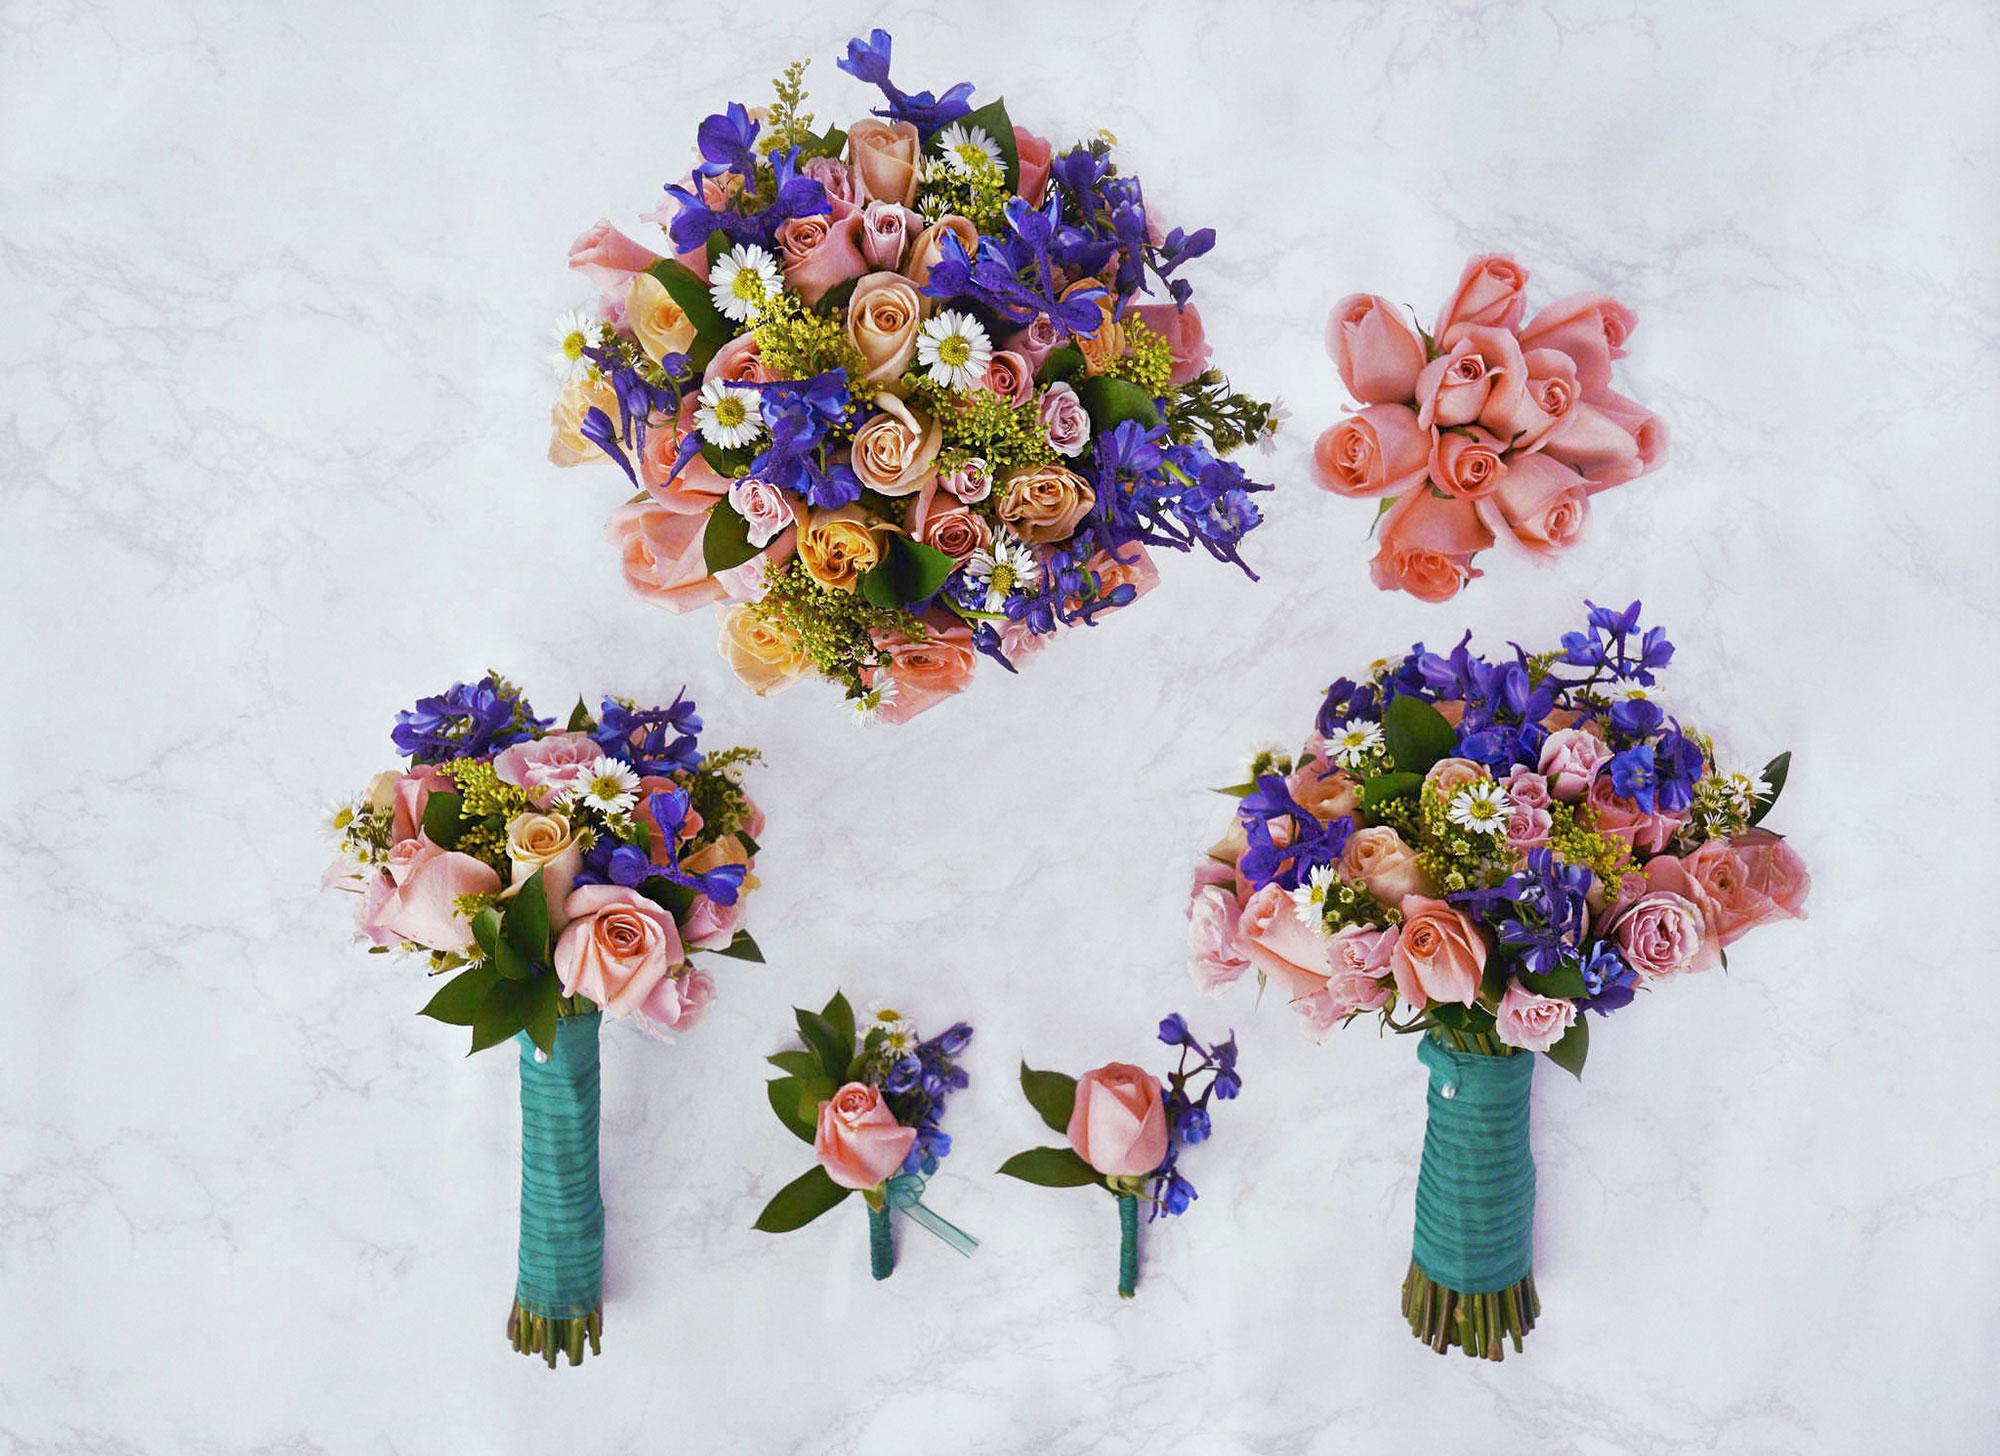 Monique Lhuillier x Bouqs Company Wedding Flowers: Details